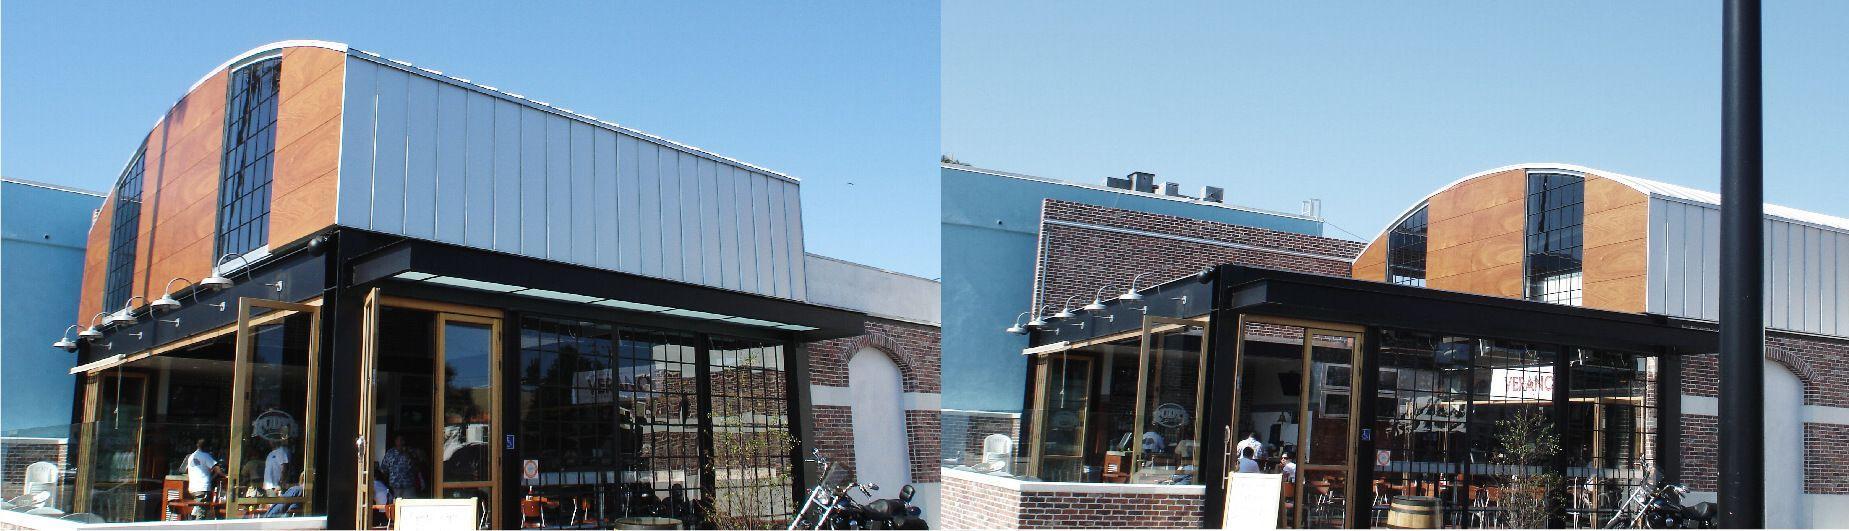 restaurant retractable roof header